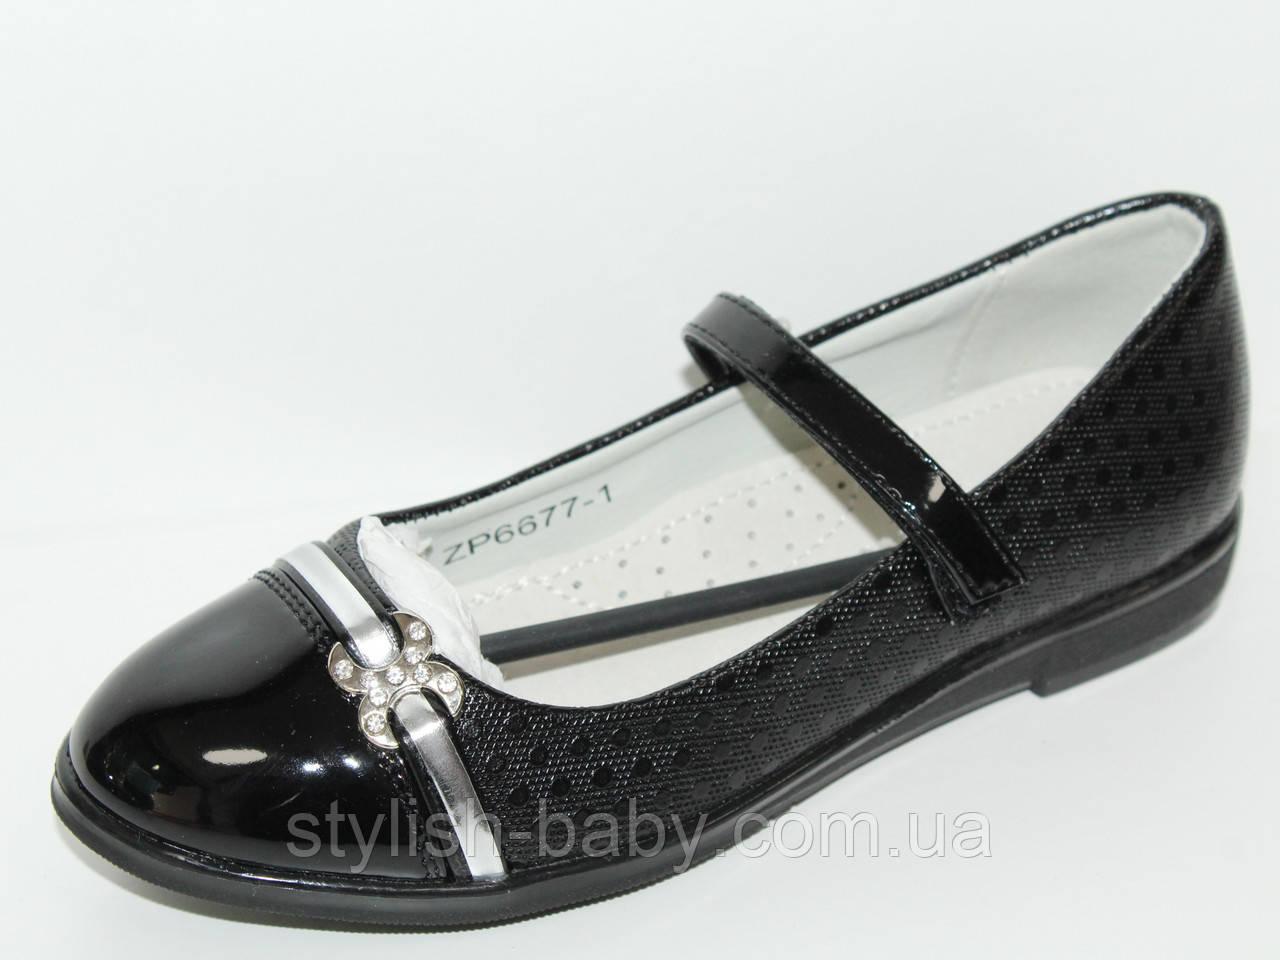 Детская обувь оптом в Одессе. Детские туфли бренда Kellaifeng (Bessky) для девочек (рр. с 32 по 37)